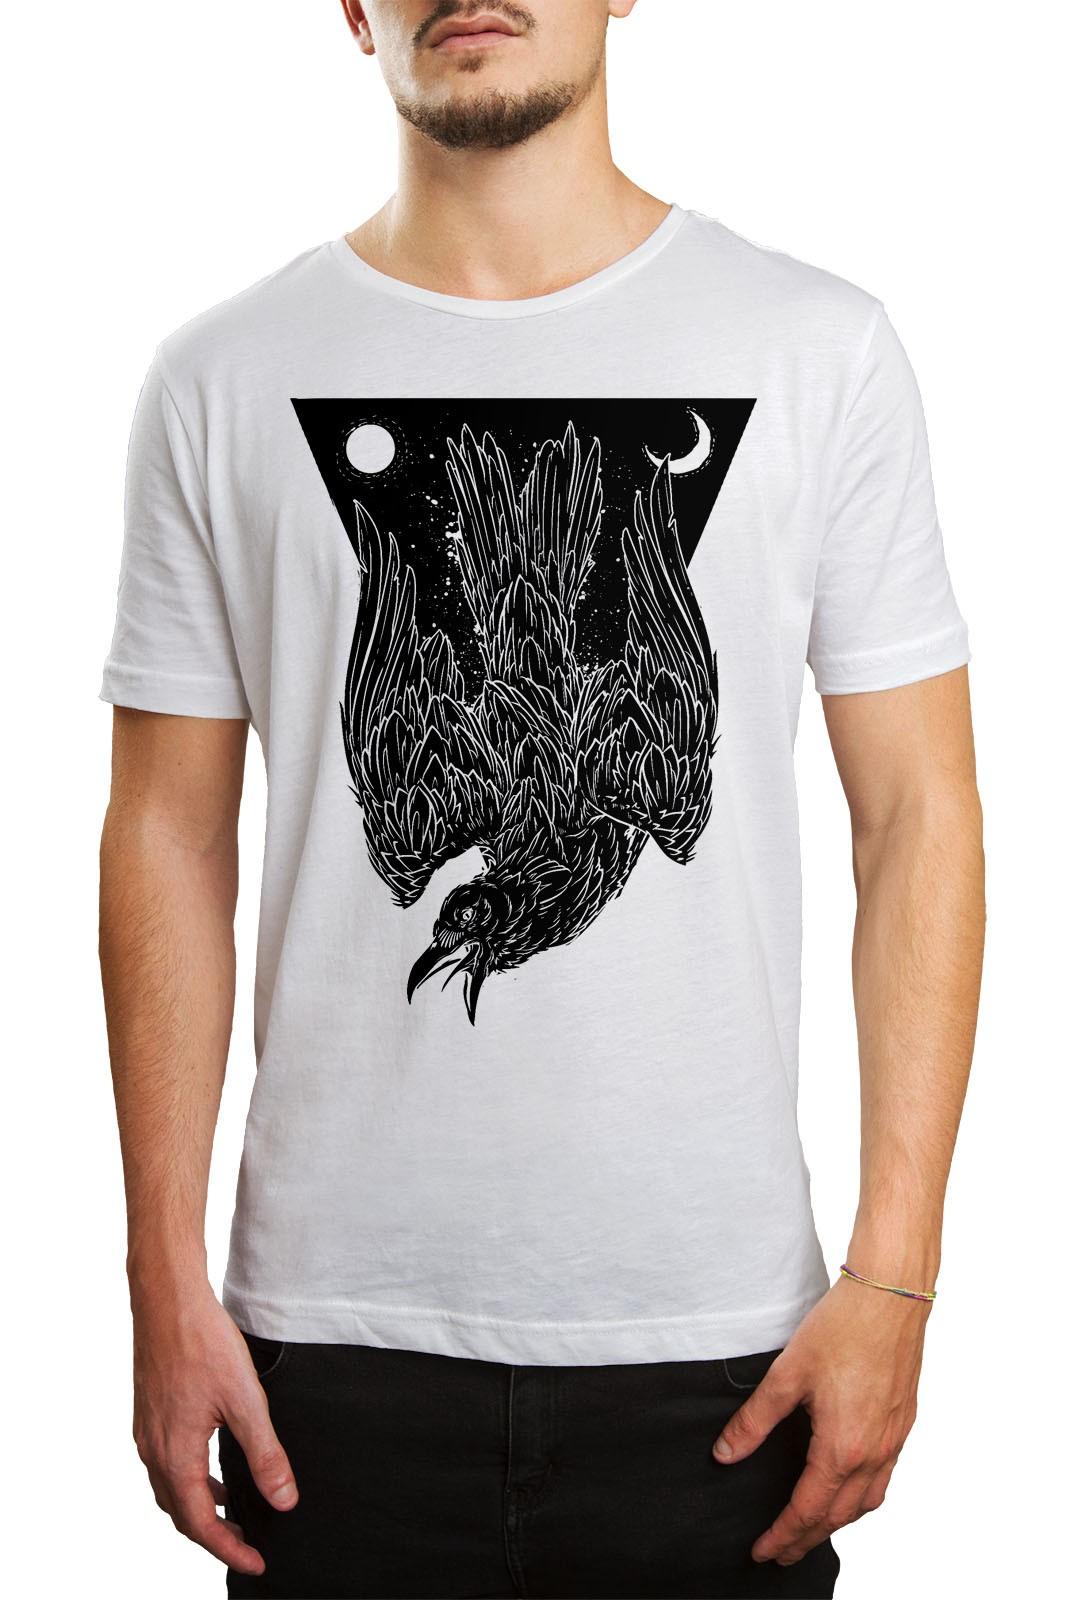 Camiseta Hshop Crow Branco  - HShop